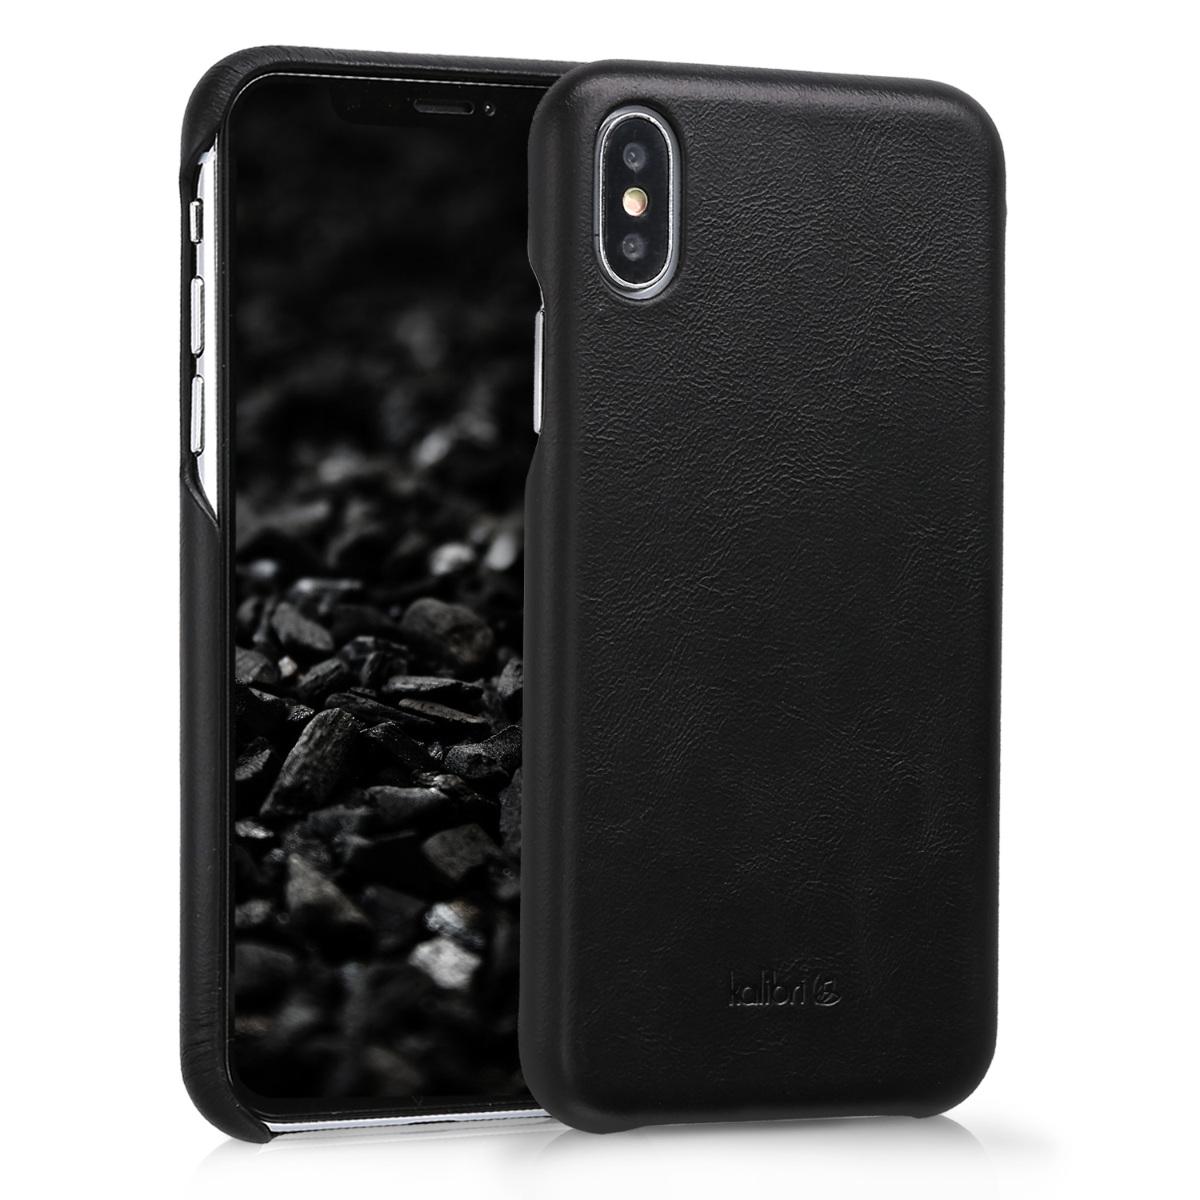 Kalibri Σκληρή Δερμάτινη Θήκη iPhone X - Black (42516.01)